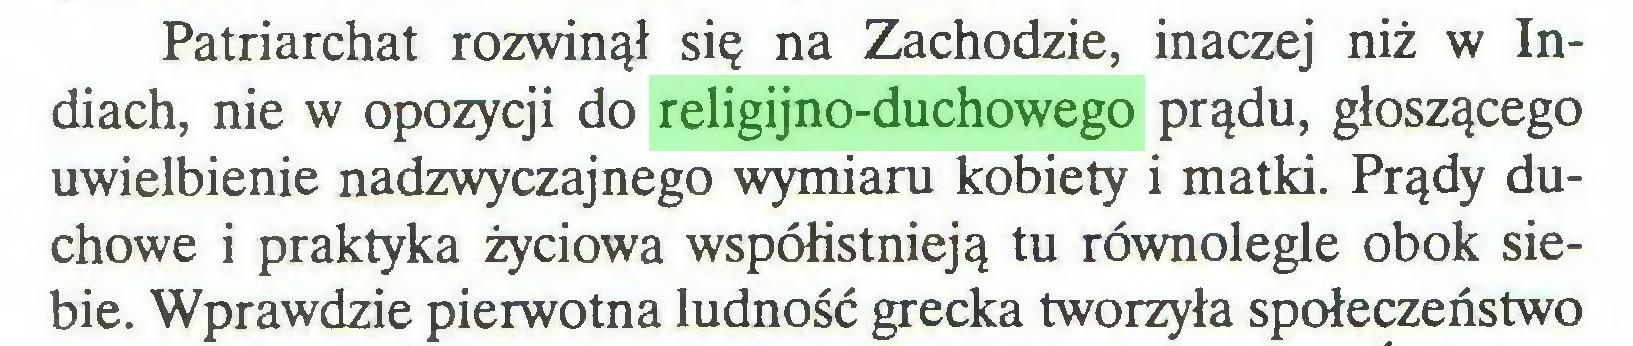 (...) Patriarchat rozwinął się na Zachodzie, inaczej niż w Indiach, nie w opozycji do religijno-duchowego prądu, głoszącego uwielbienie nadzwyczajnego wymiaru kobiety i matki. Prądy duchowe i praktyka życiowa współistnieją tu równolegle obok siebie. Wprawdzie pierwotna ludność grecka tworzyła społeczeństwo...